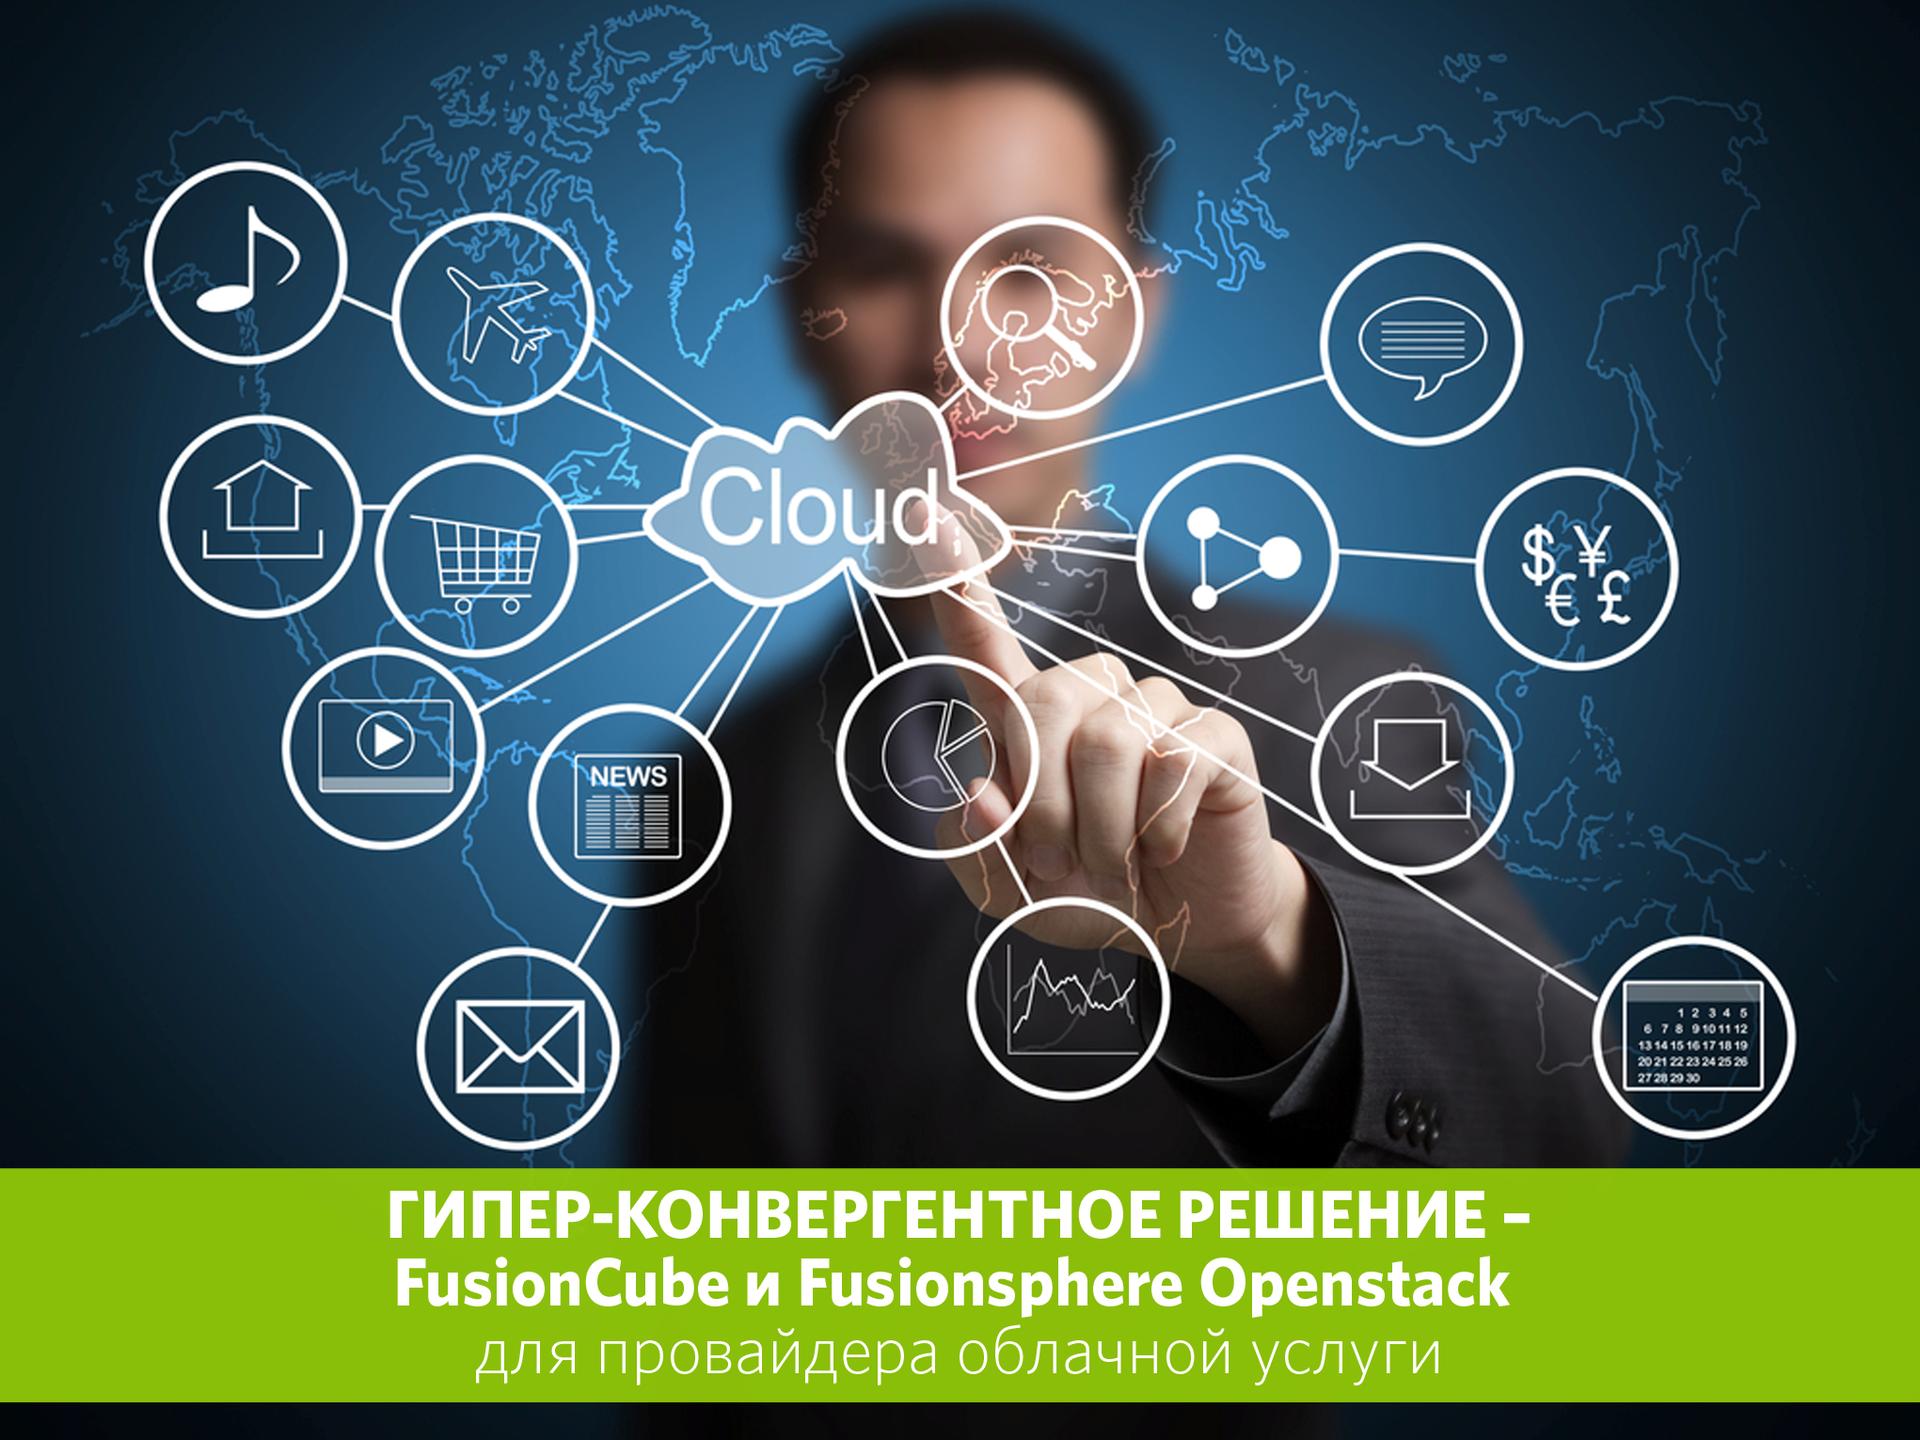 Гипер-конвергентное решение – FusionCube и FusionSphere Openstack для провайдера облачной услуги - 1